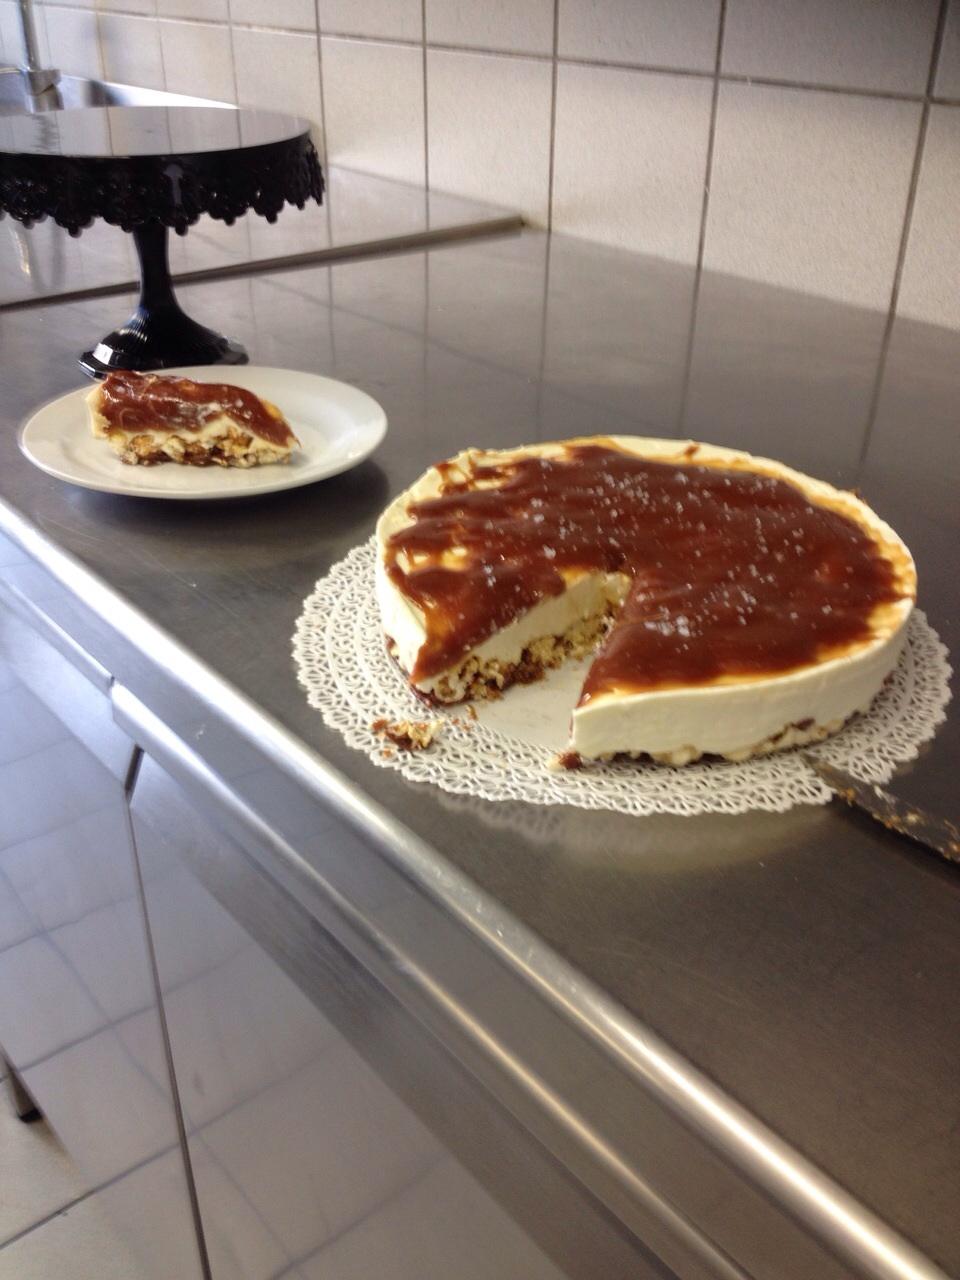 Cheesecake a freddo con base di mais scoppiato caramellato e copertura al caramello salato4